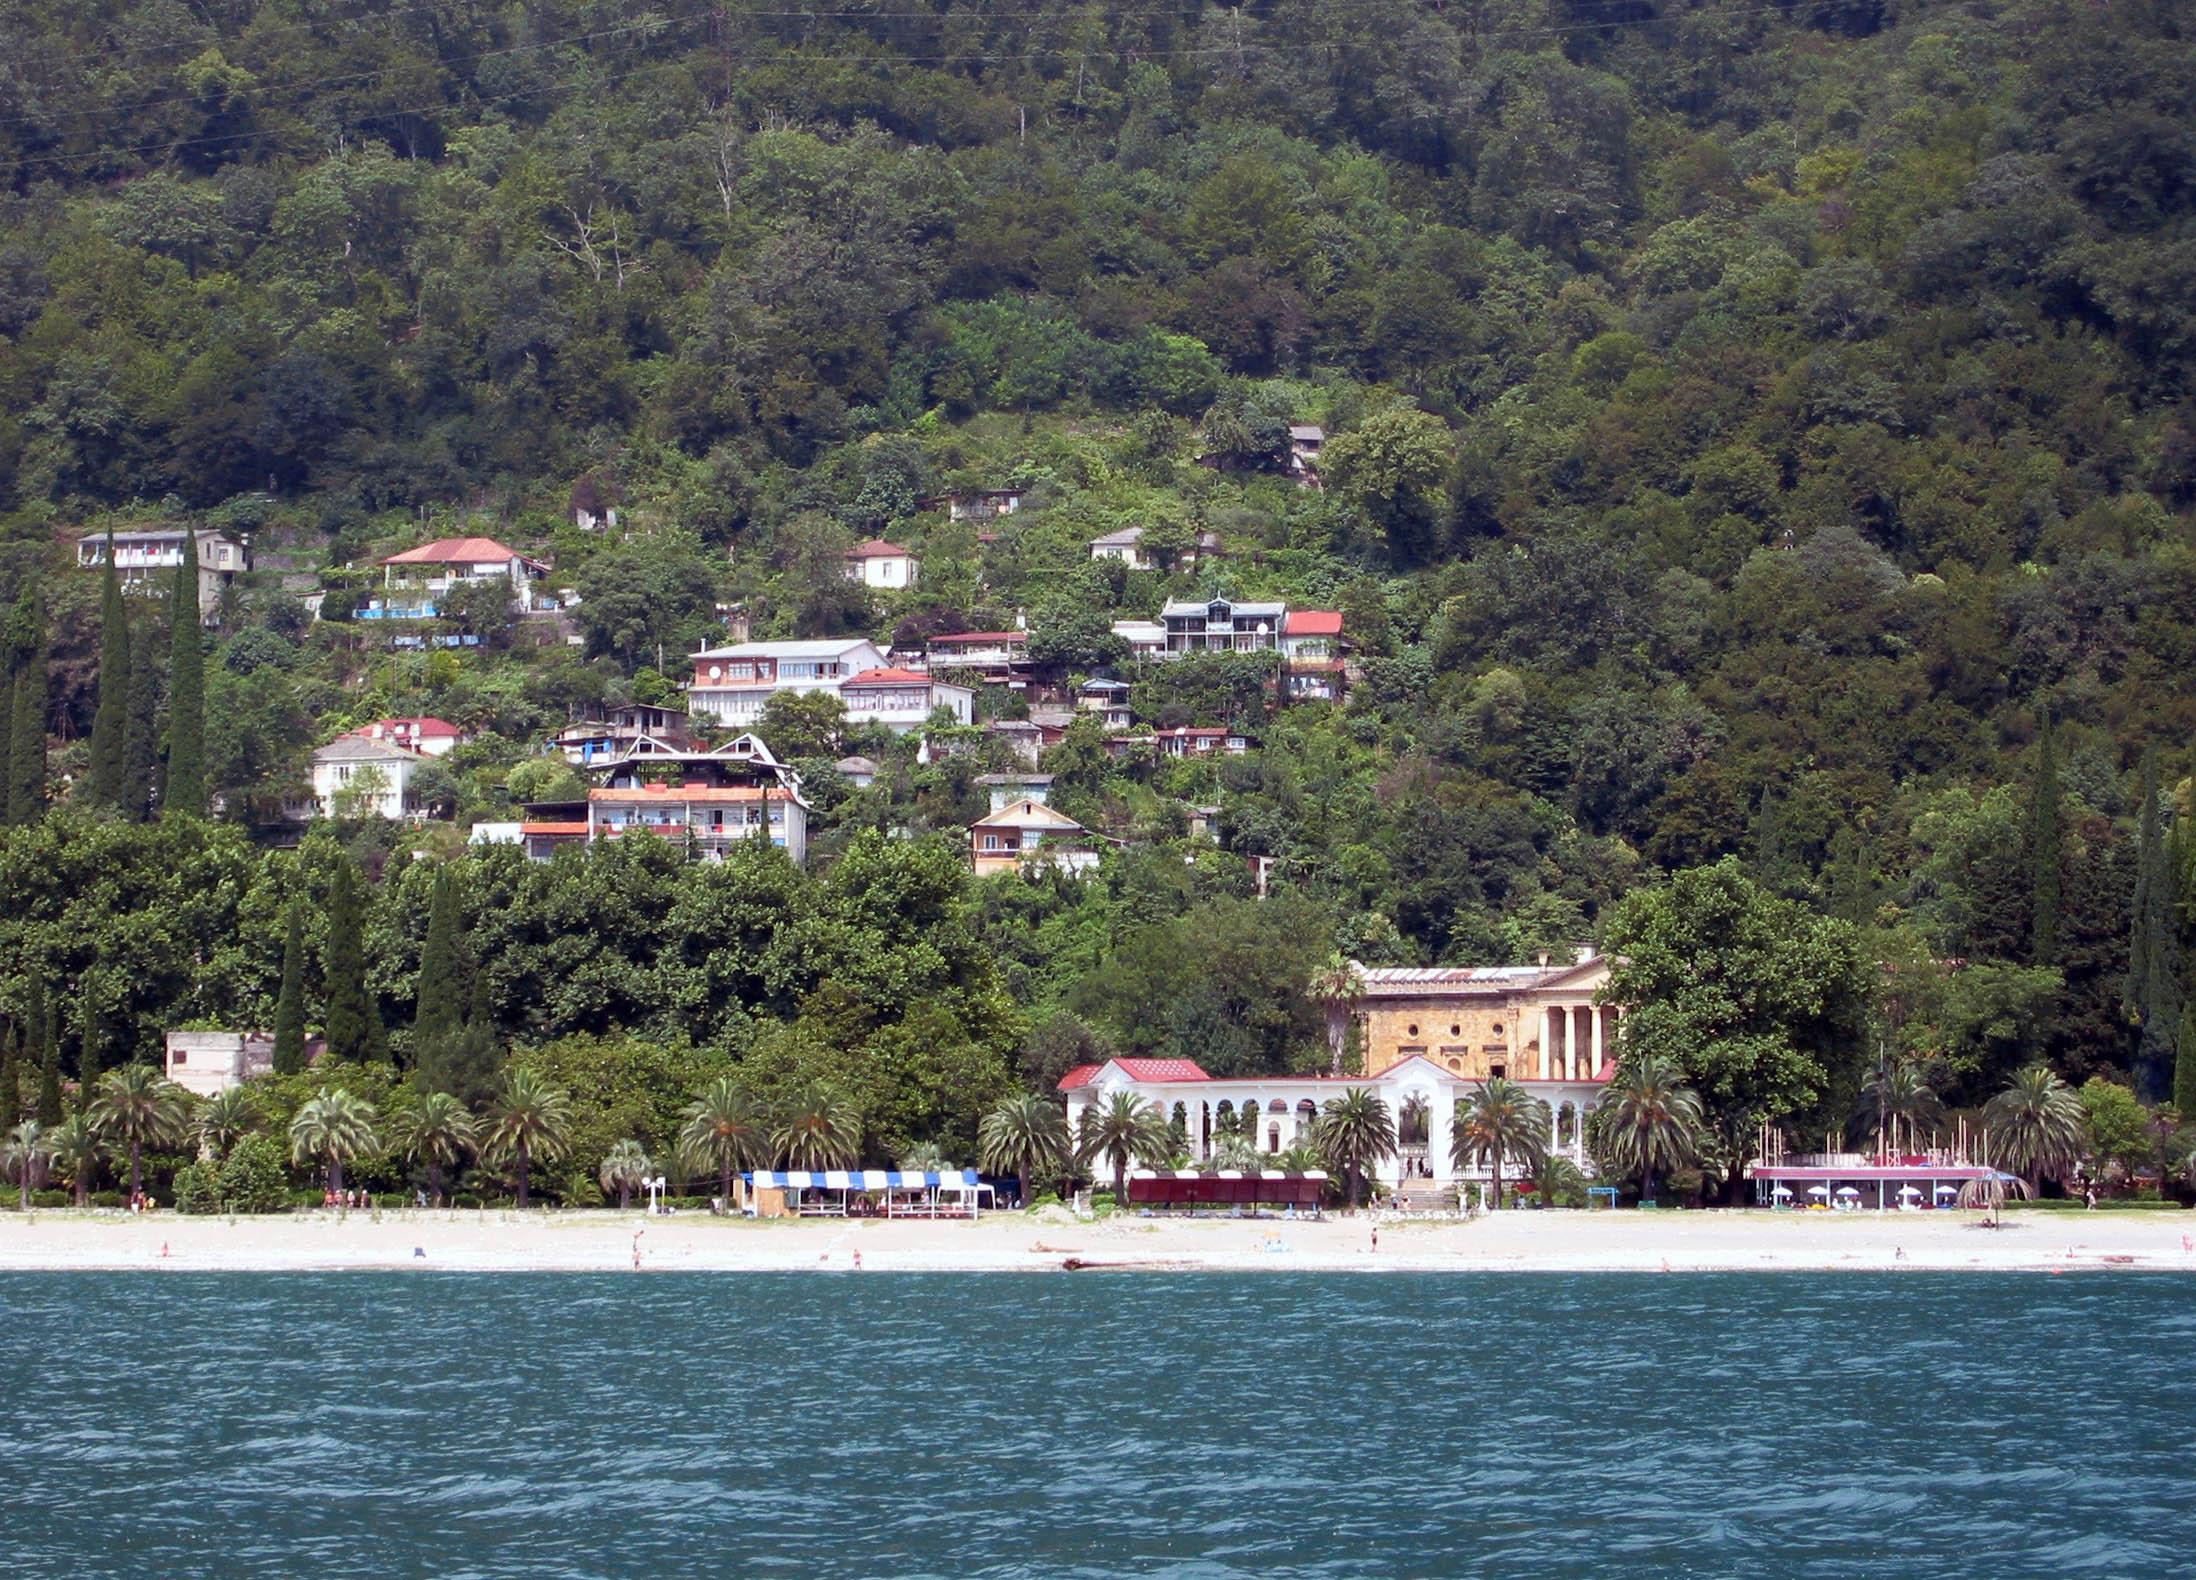 Туризм в Абхазии - это... Что такое Туризм в Абхазии?: http://dic.academic.ru/dic.nsf/ruwiki/692272